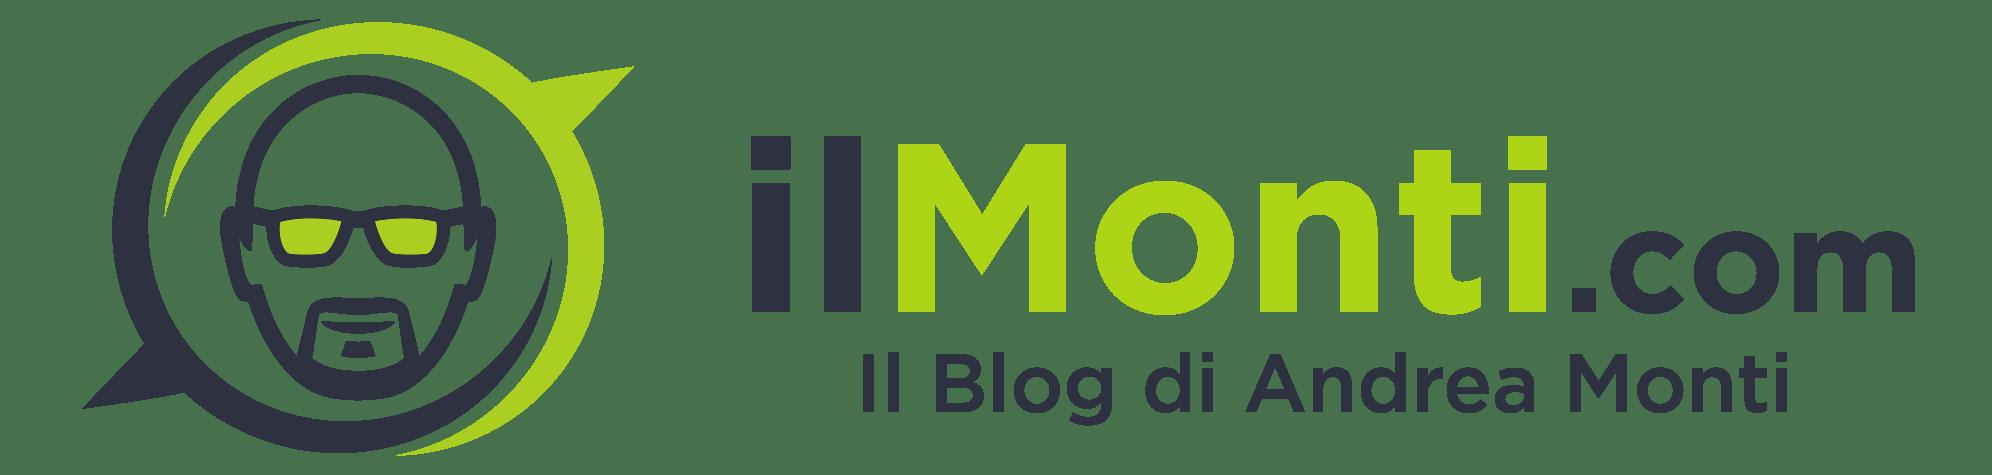 ilMonti.com